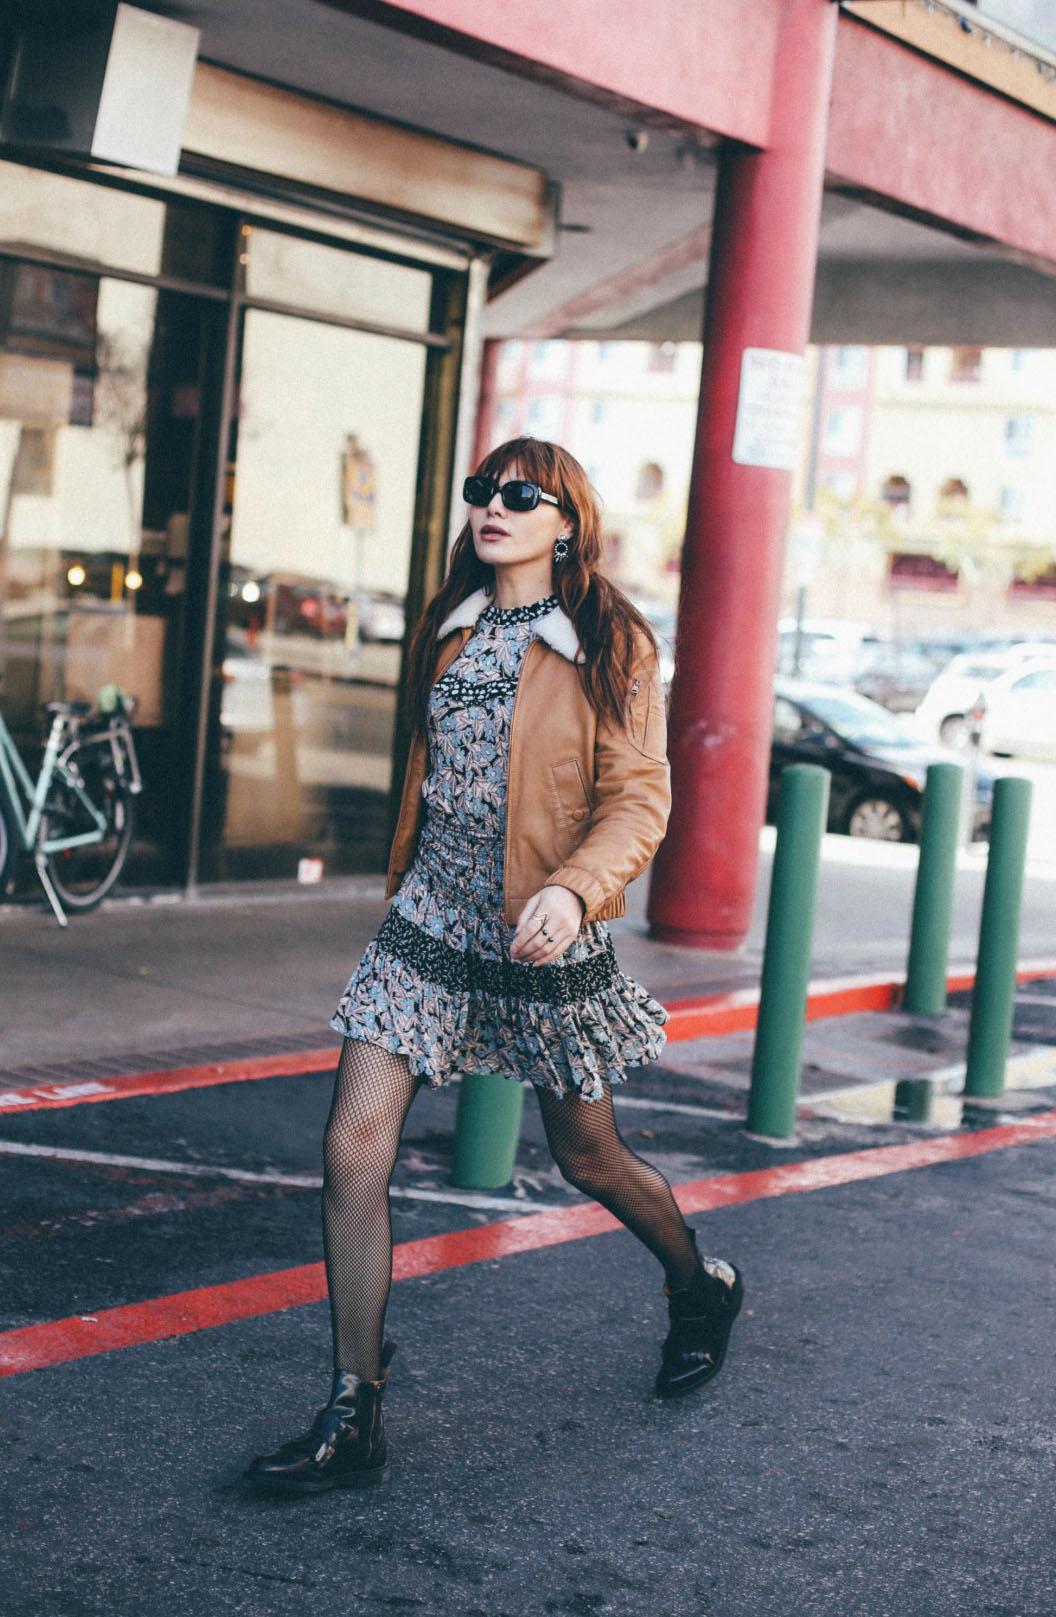 natalie-lim-suarez-street-style-2